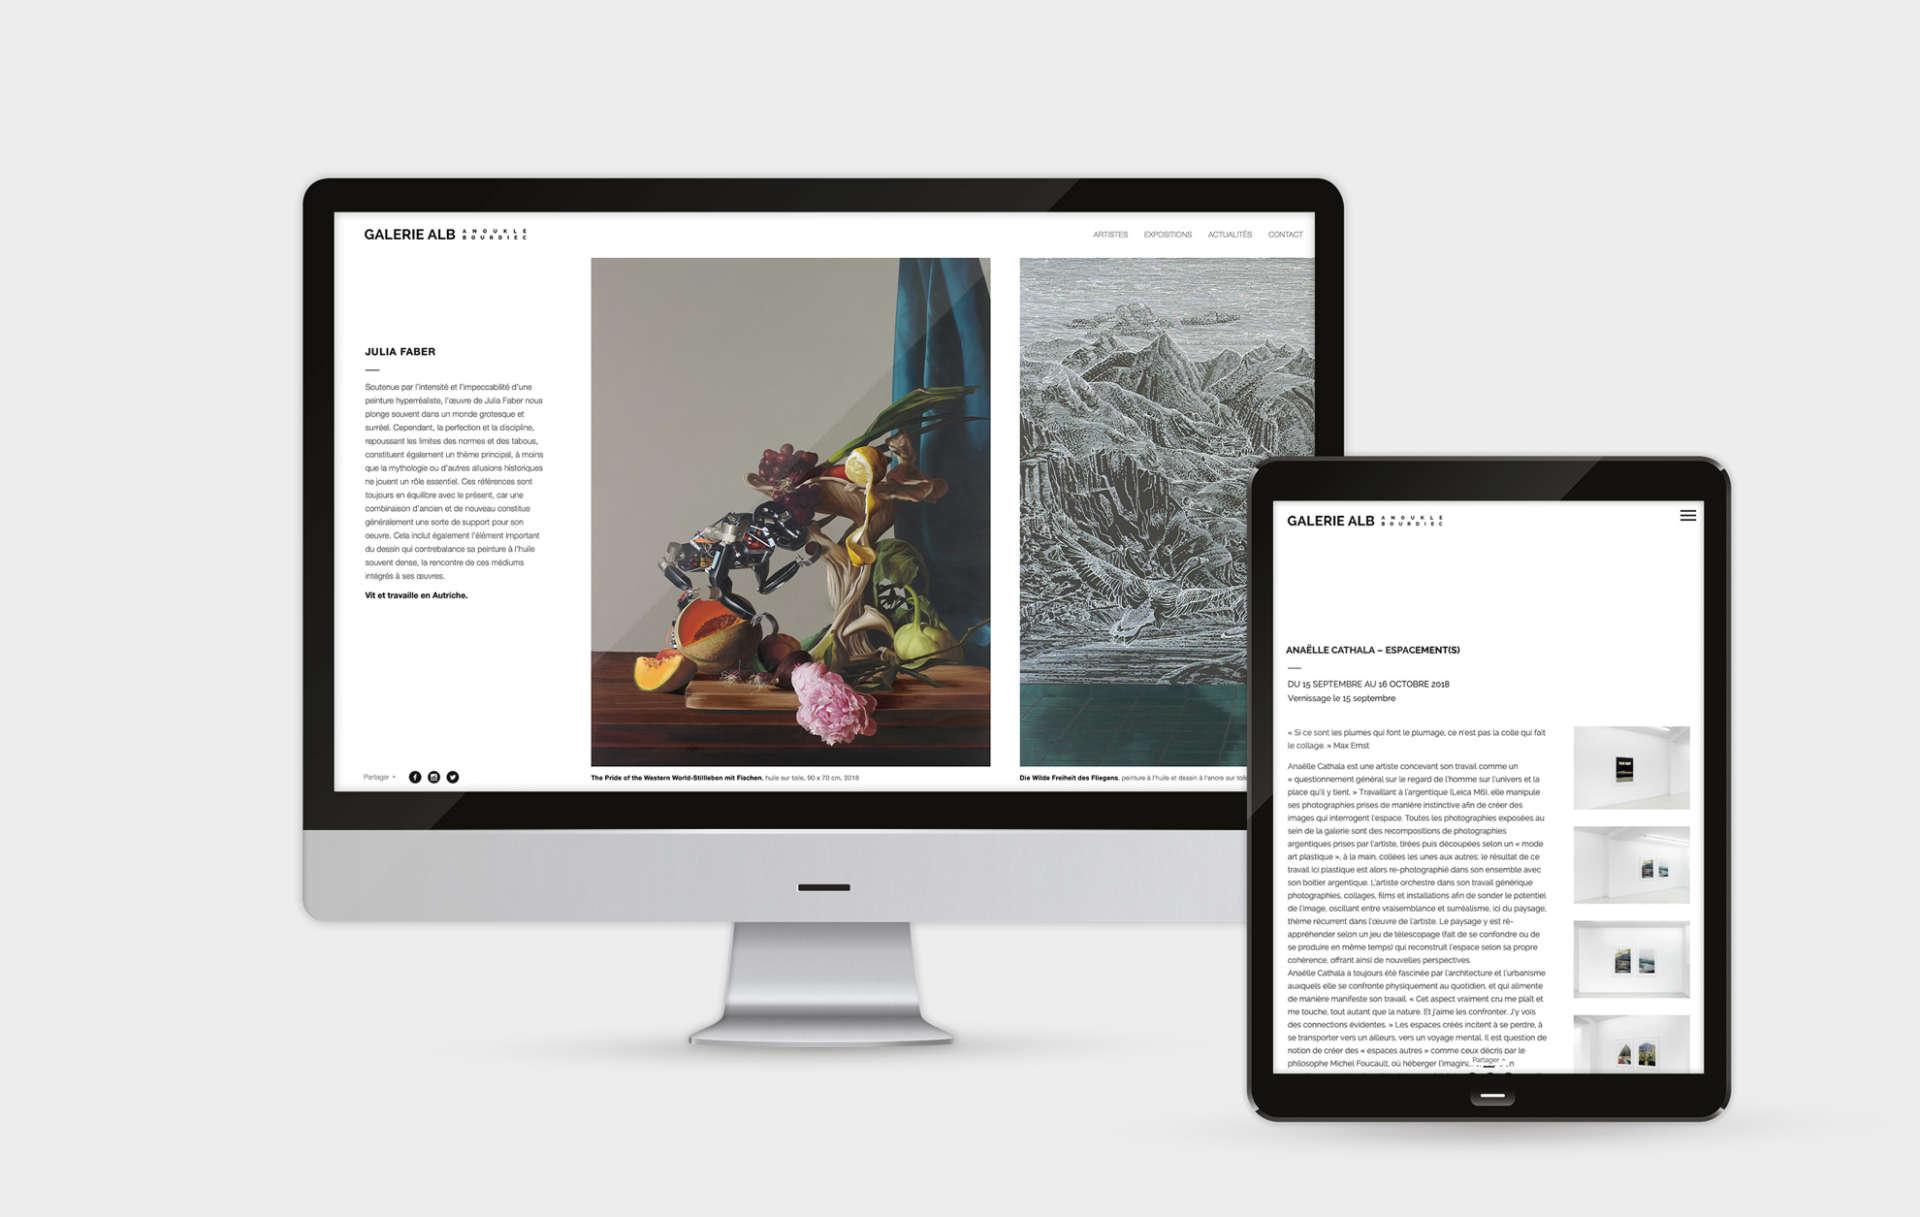 GalerieALB-site-03